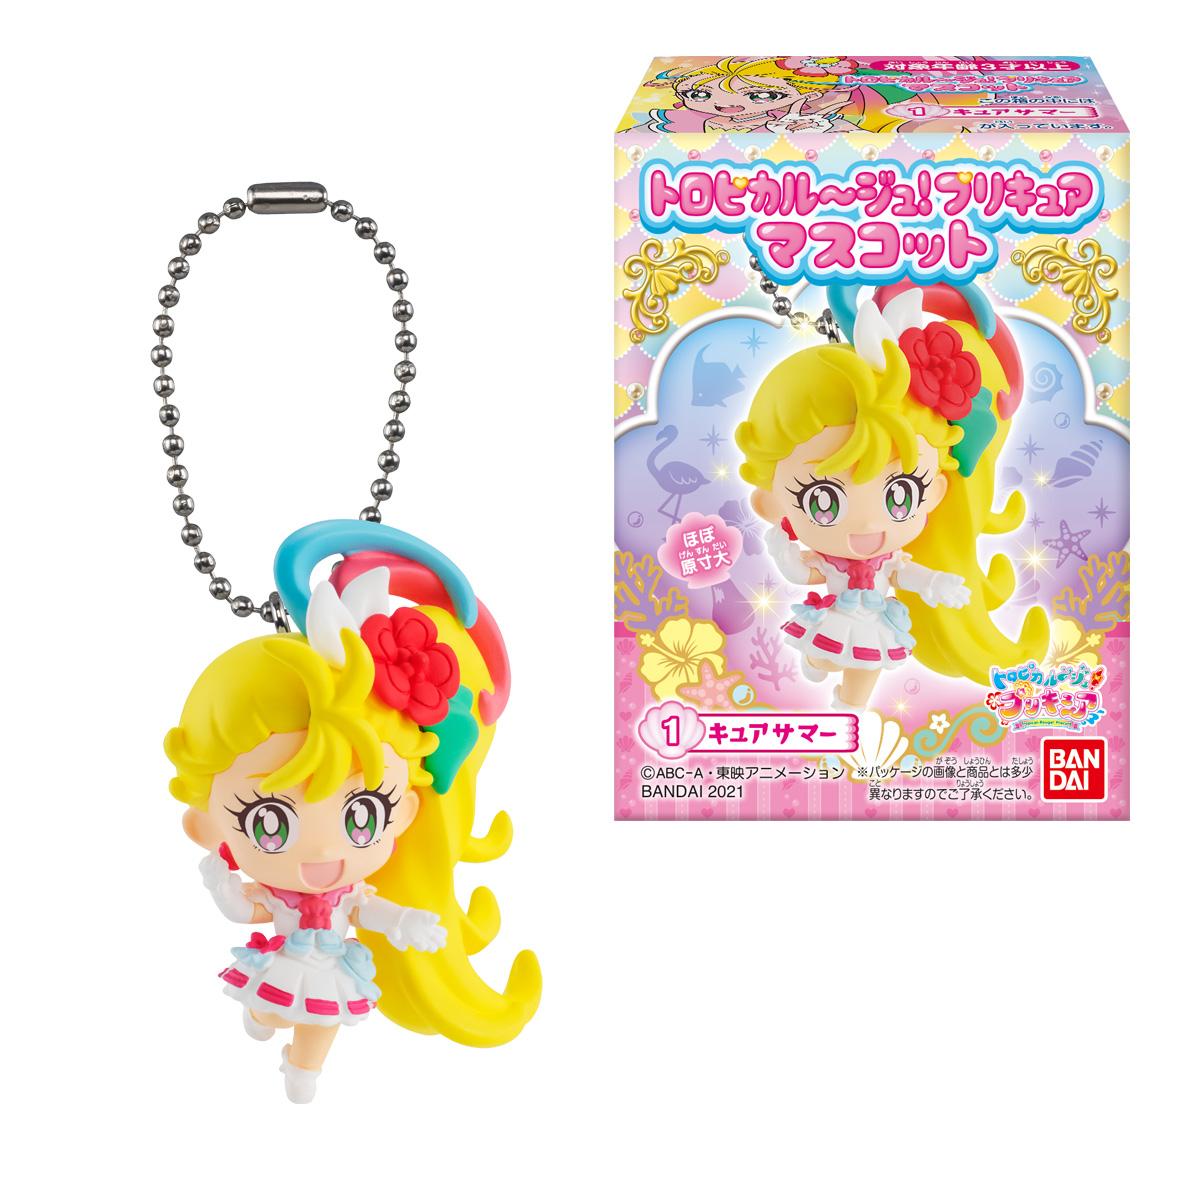 【食玩】トロピカル~ジュ!プリキュア『マスコット』10個入りBOX-001